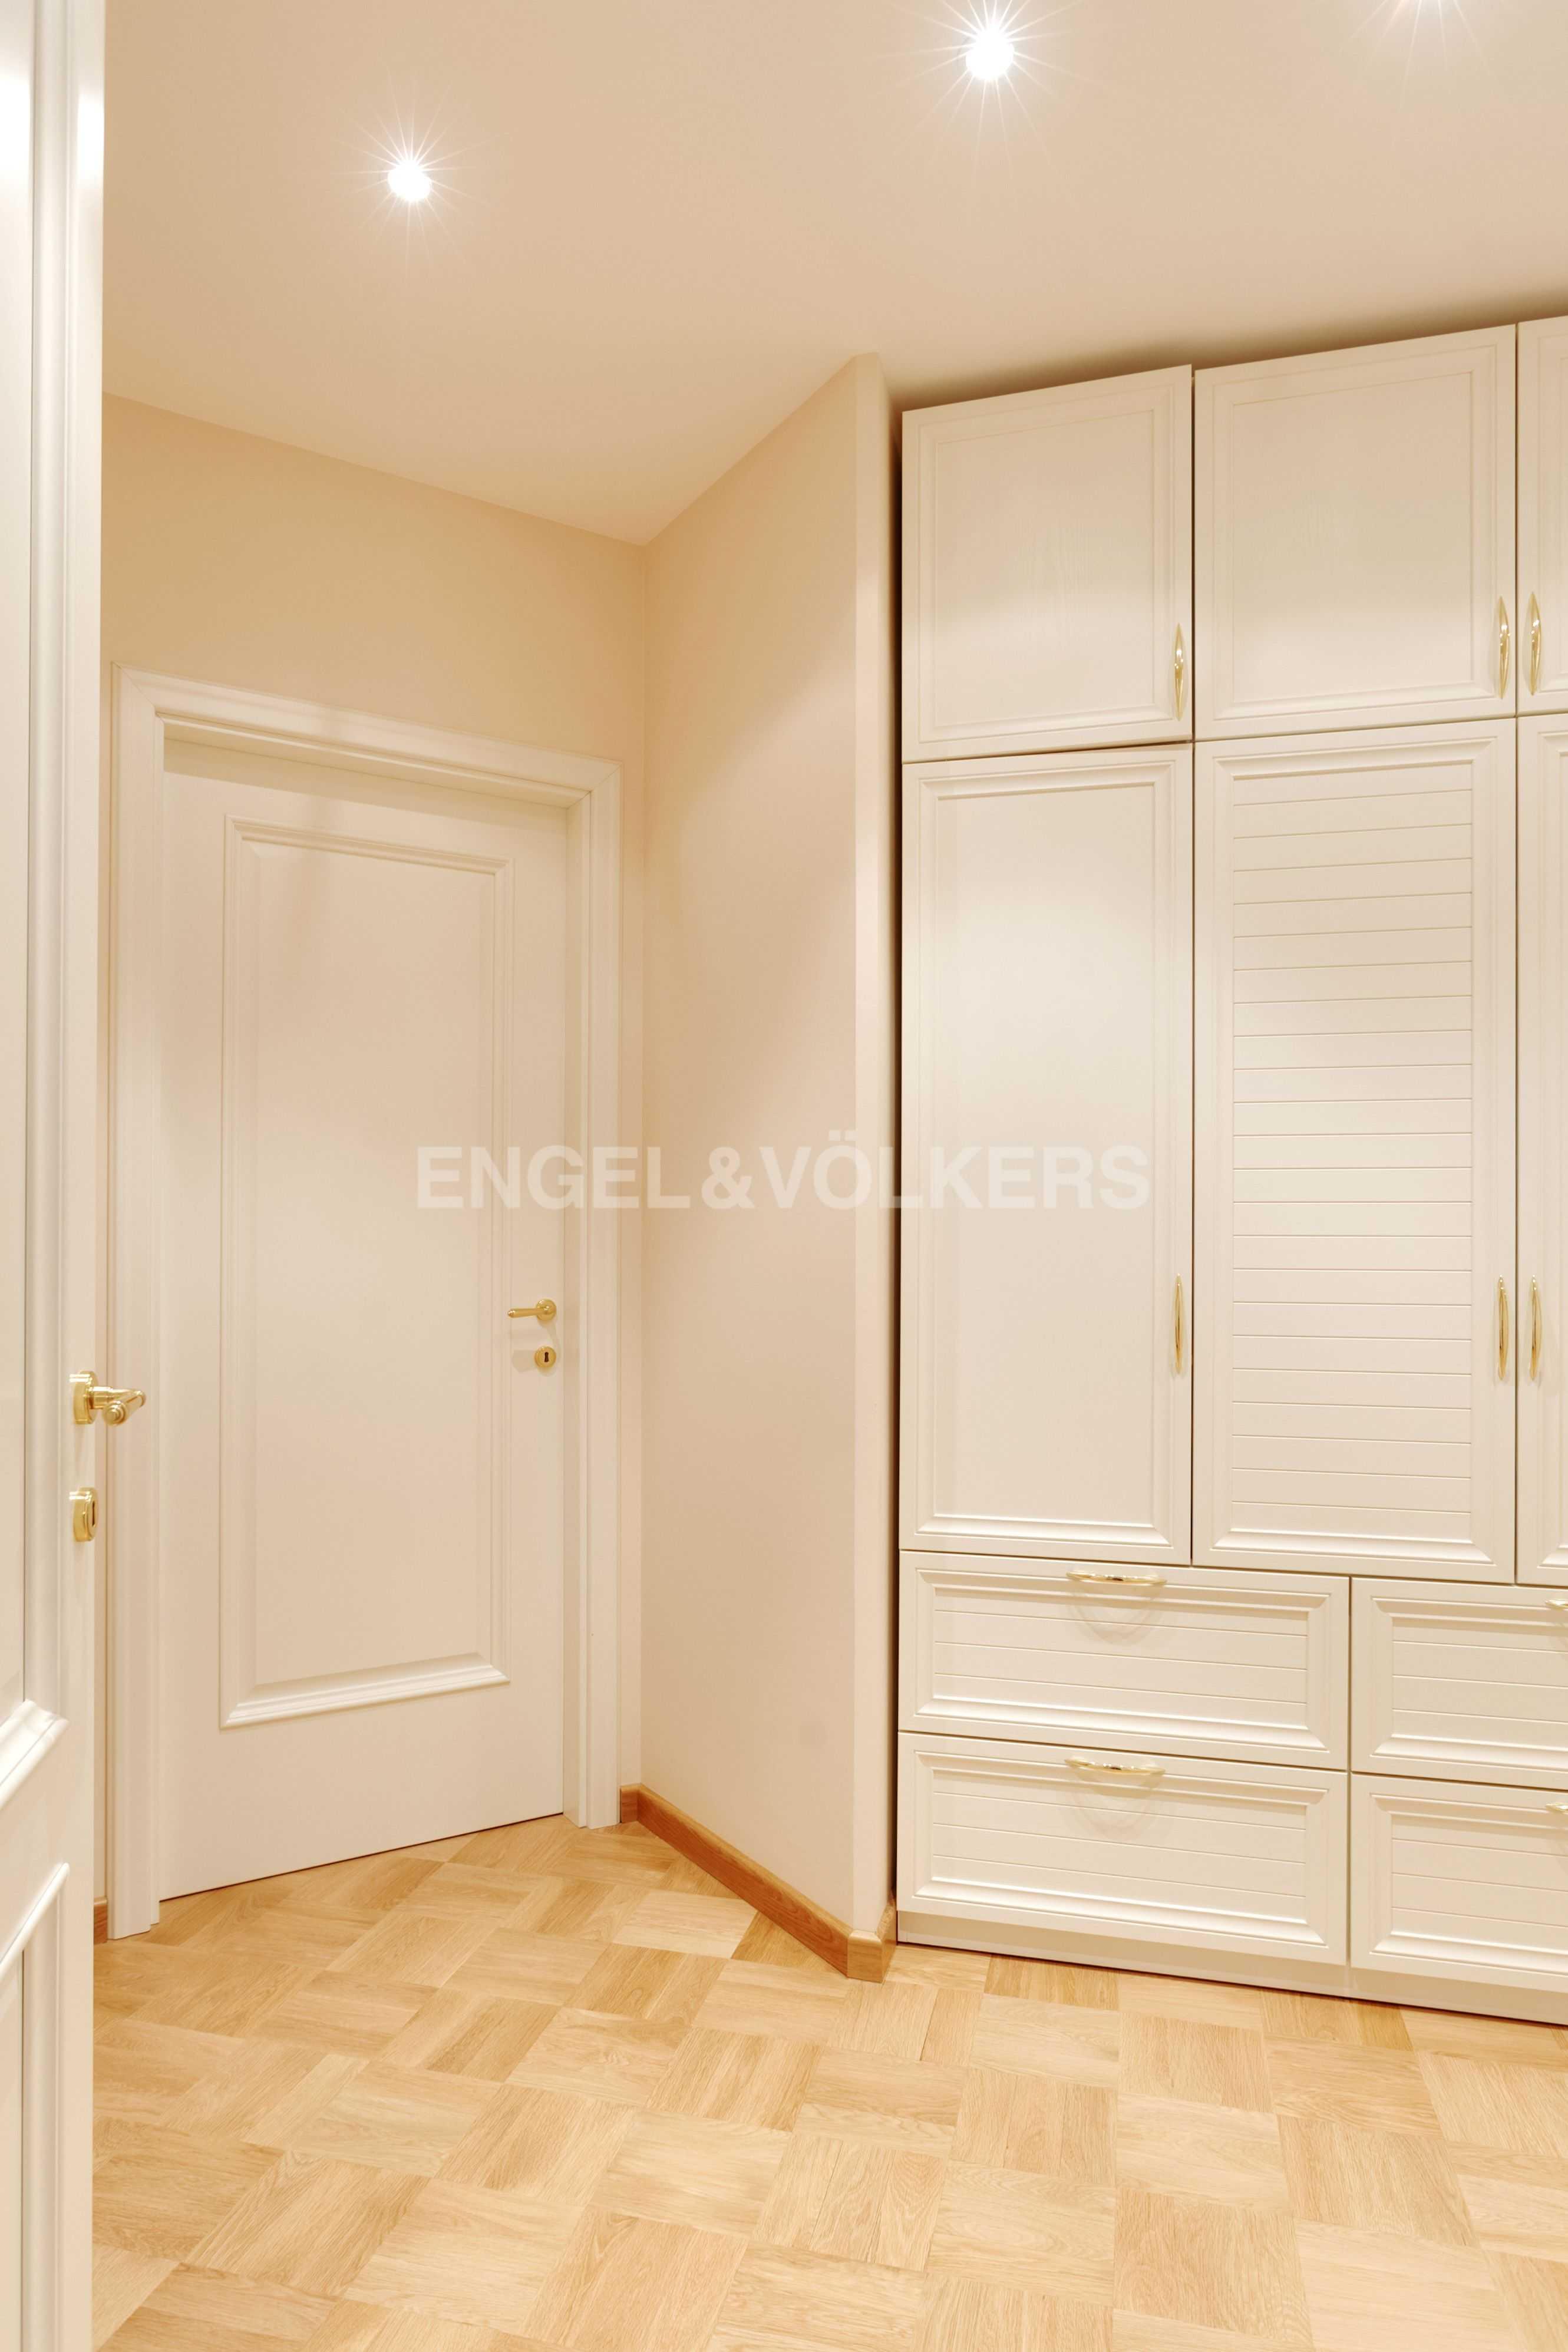 Элитные квартиры в Центральный р-н. Санкт-Петербург, Тверская ул., 1A . Холл со встроенными шкафами